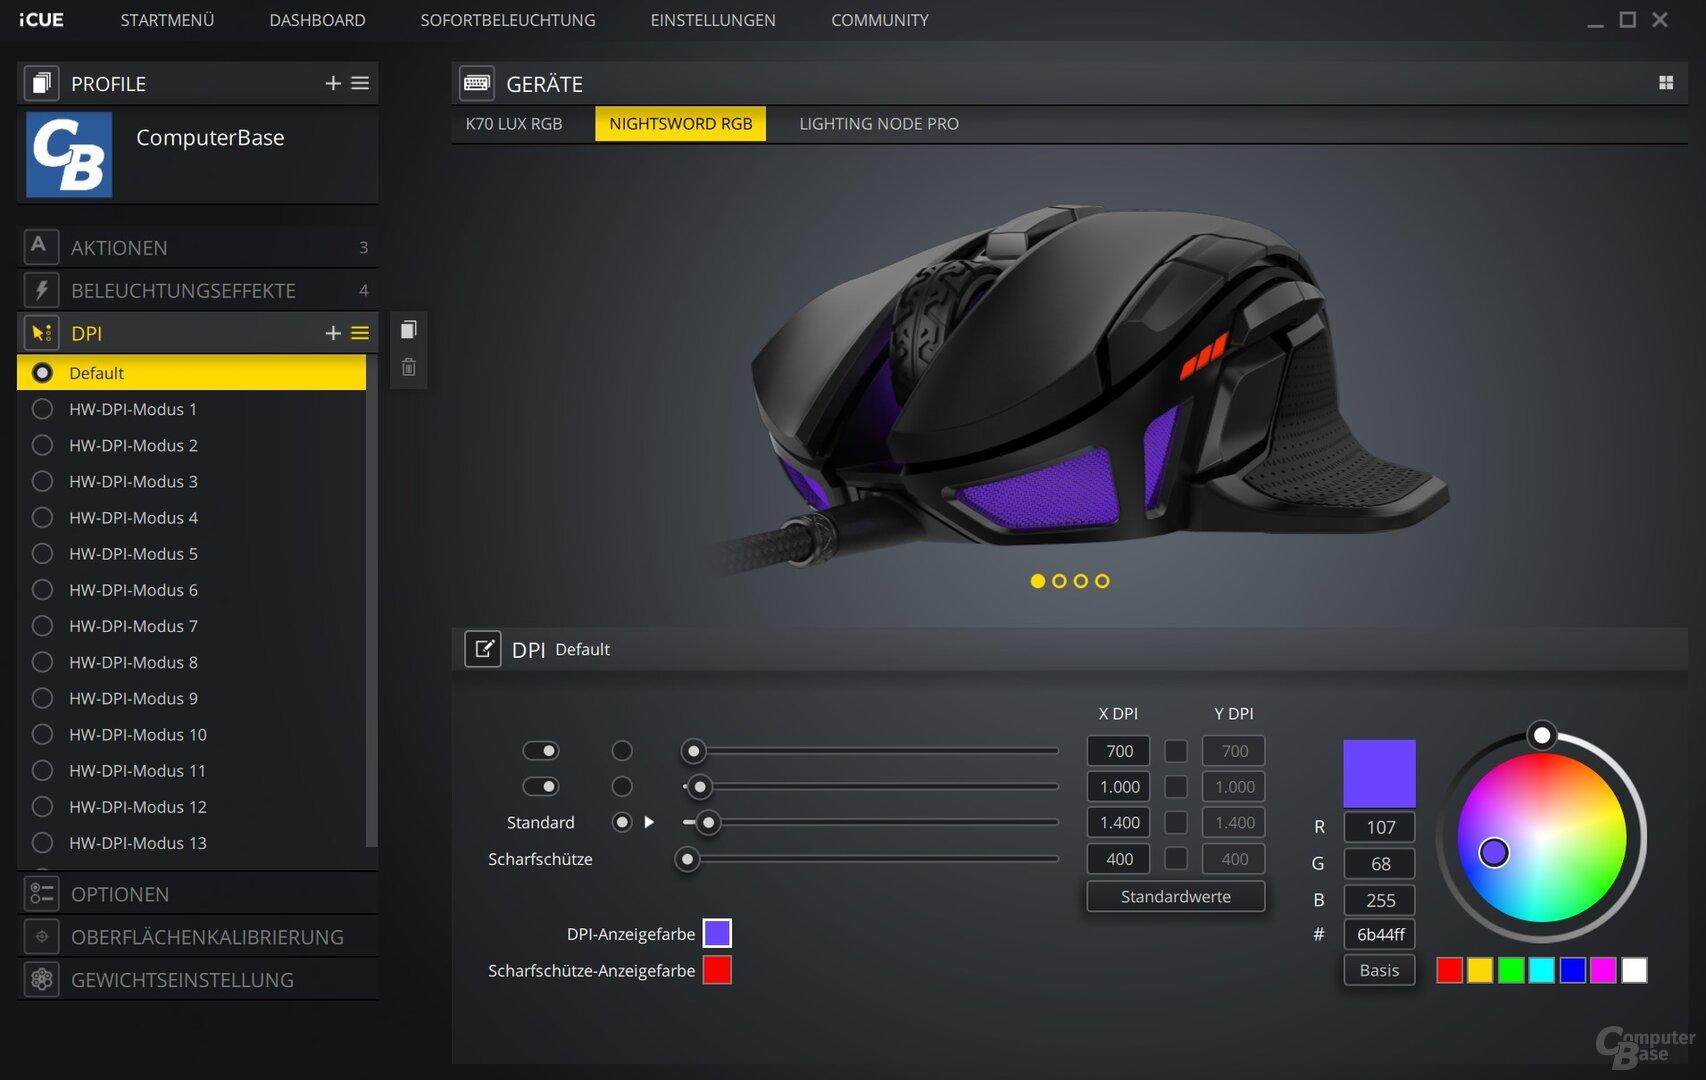 Drei dpi-Konfigurationen exklusive Sniper-Taste sind pro Profil möglich